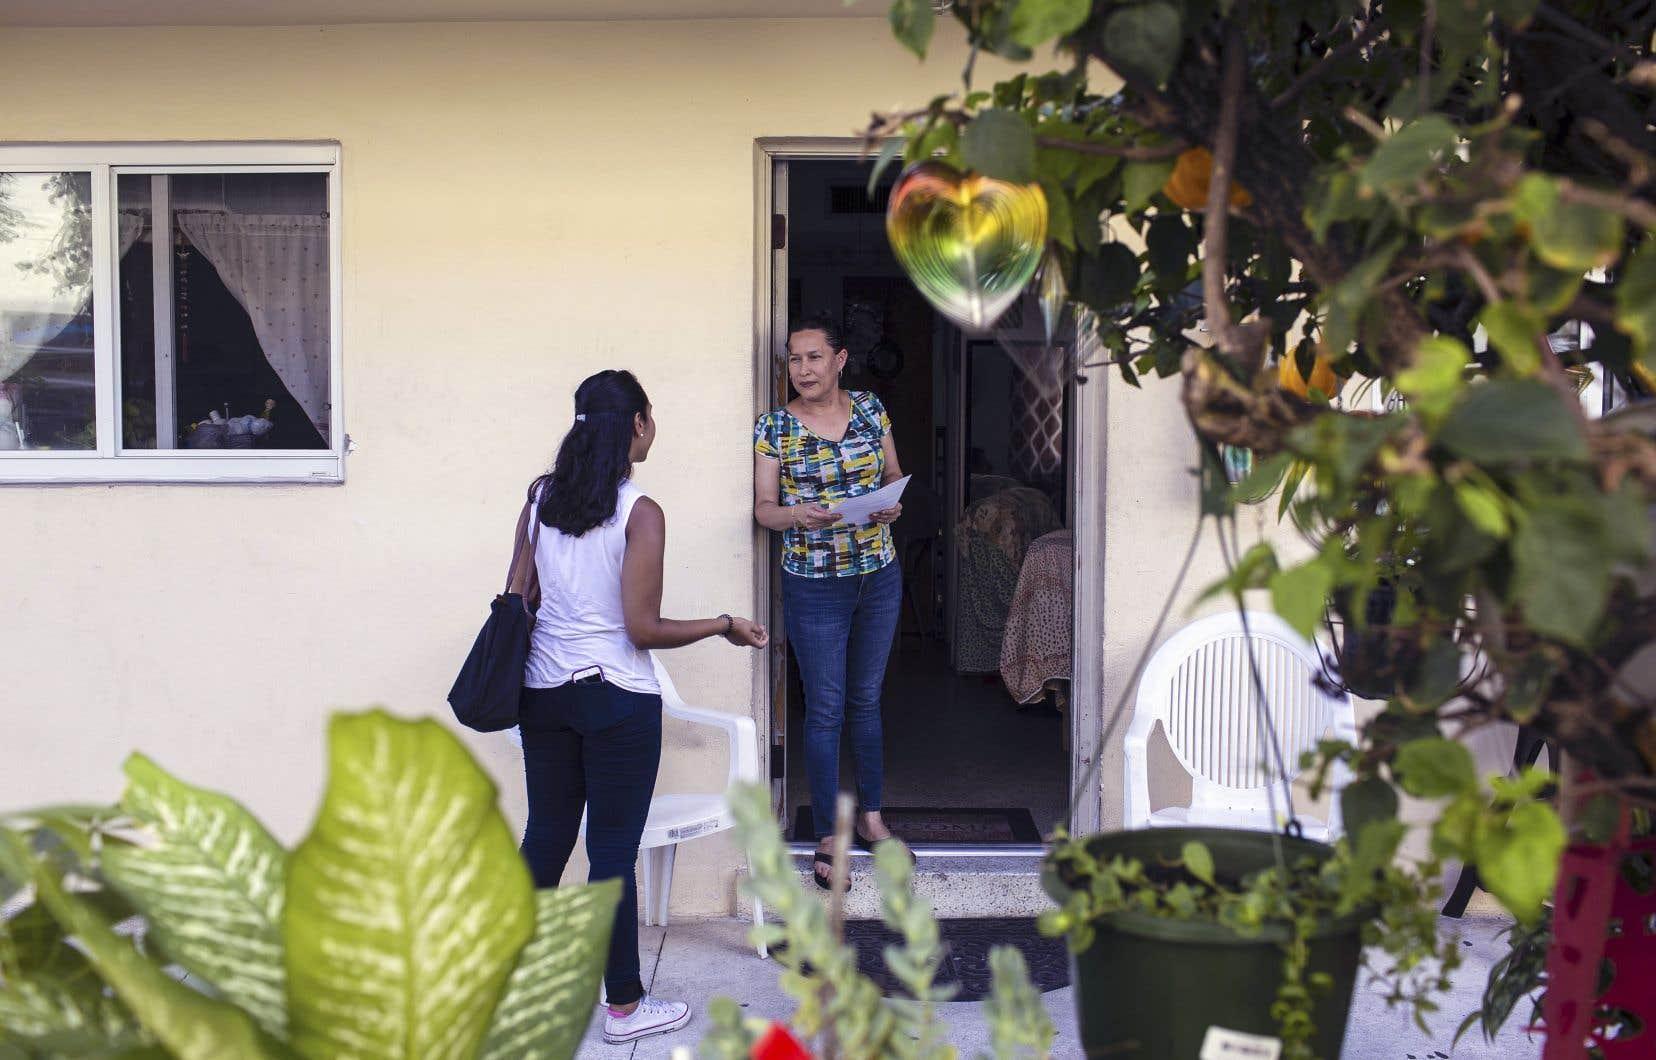 Samedi, une représentante de la Florida Immigrant Coalition allait de porte en porte pour informer les personnes en situation irrégulière de leurs droits.